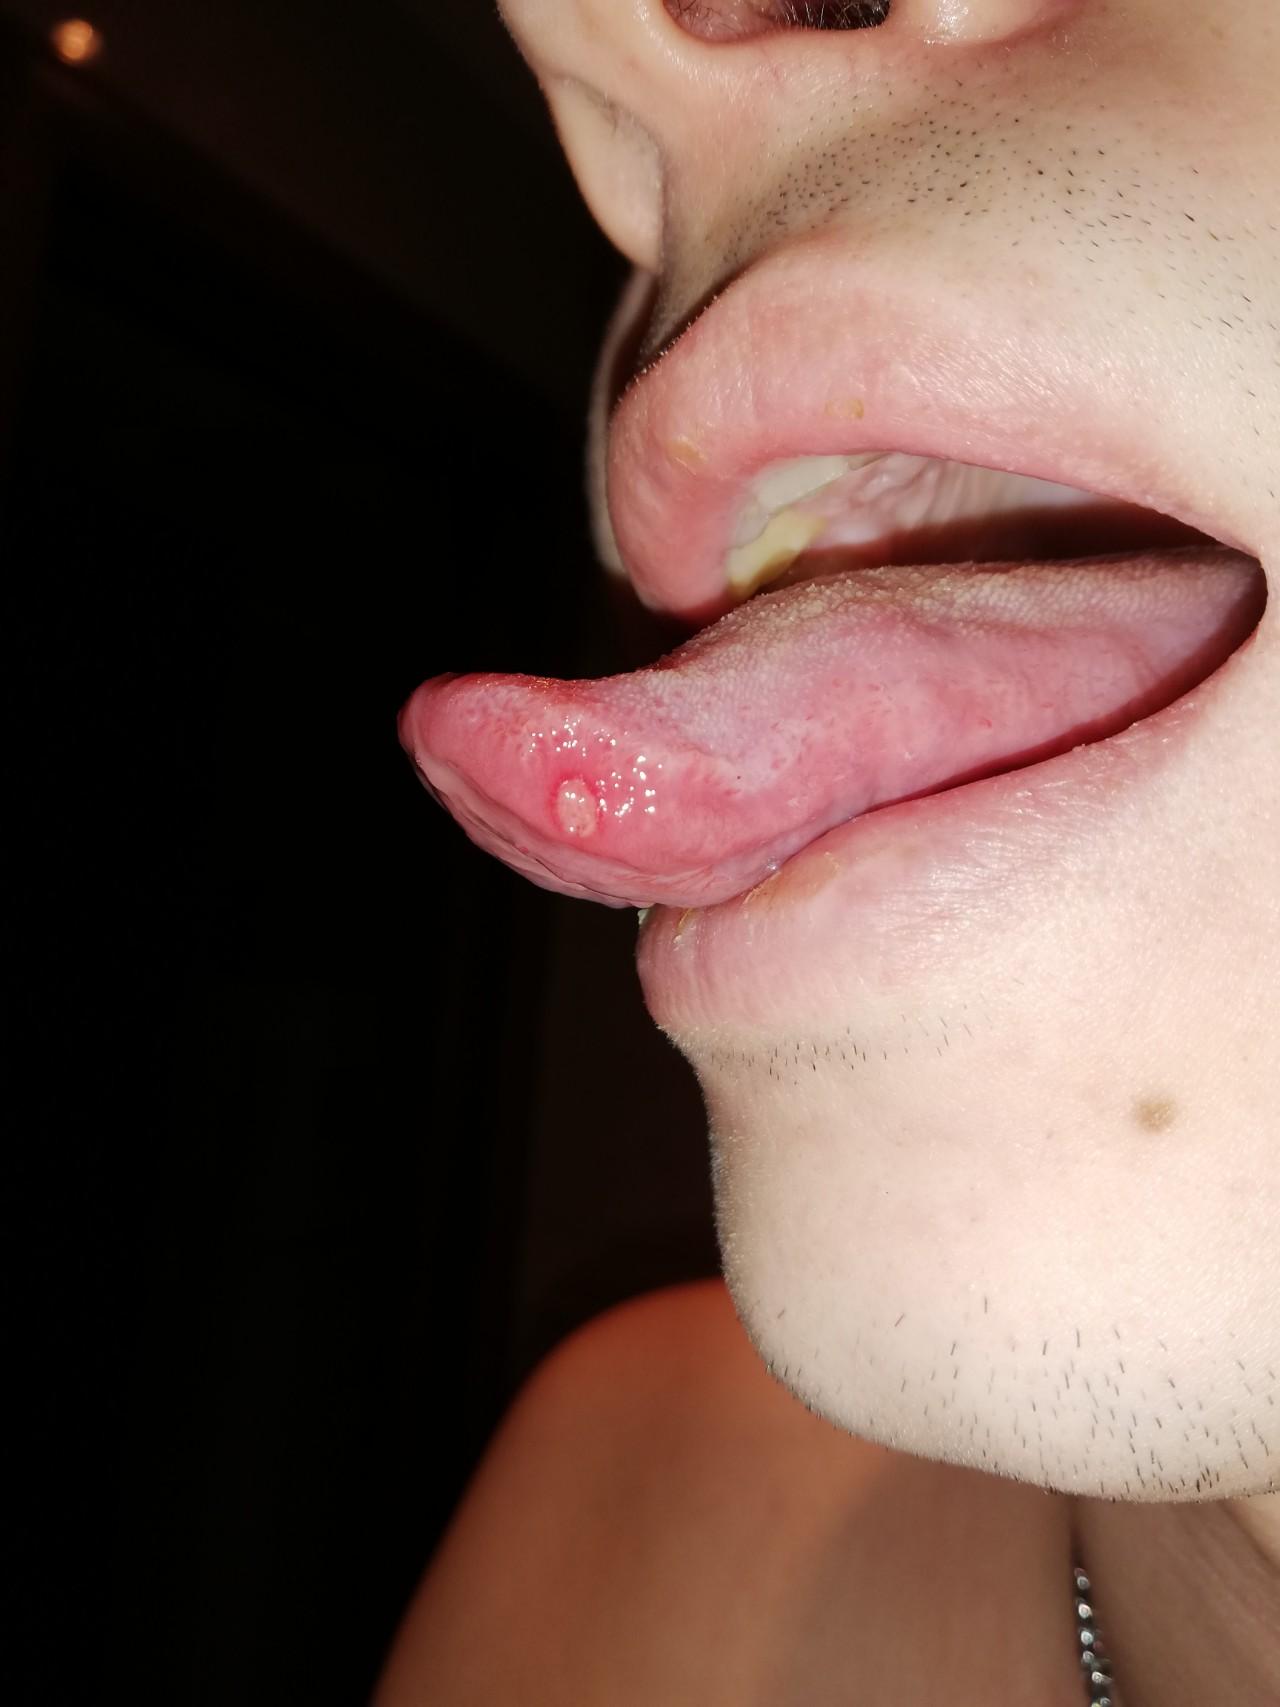 Что такое типун на языке и почему он появляется. симптомы и лечение типуна на языке что такое типун на языке - заболевания-мед